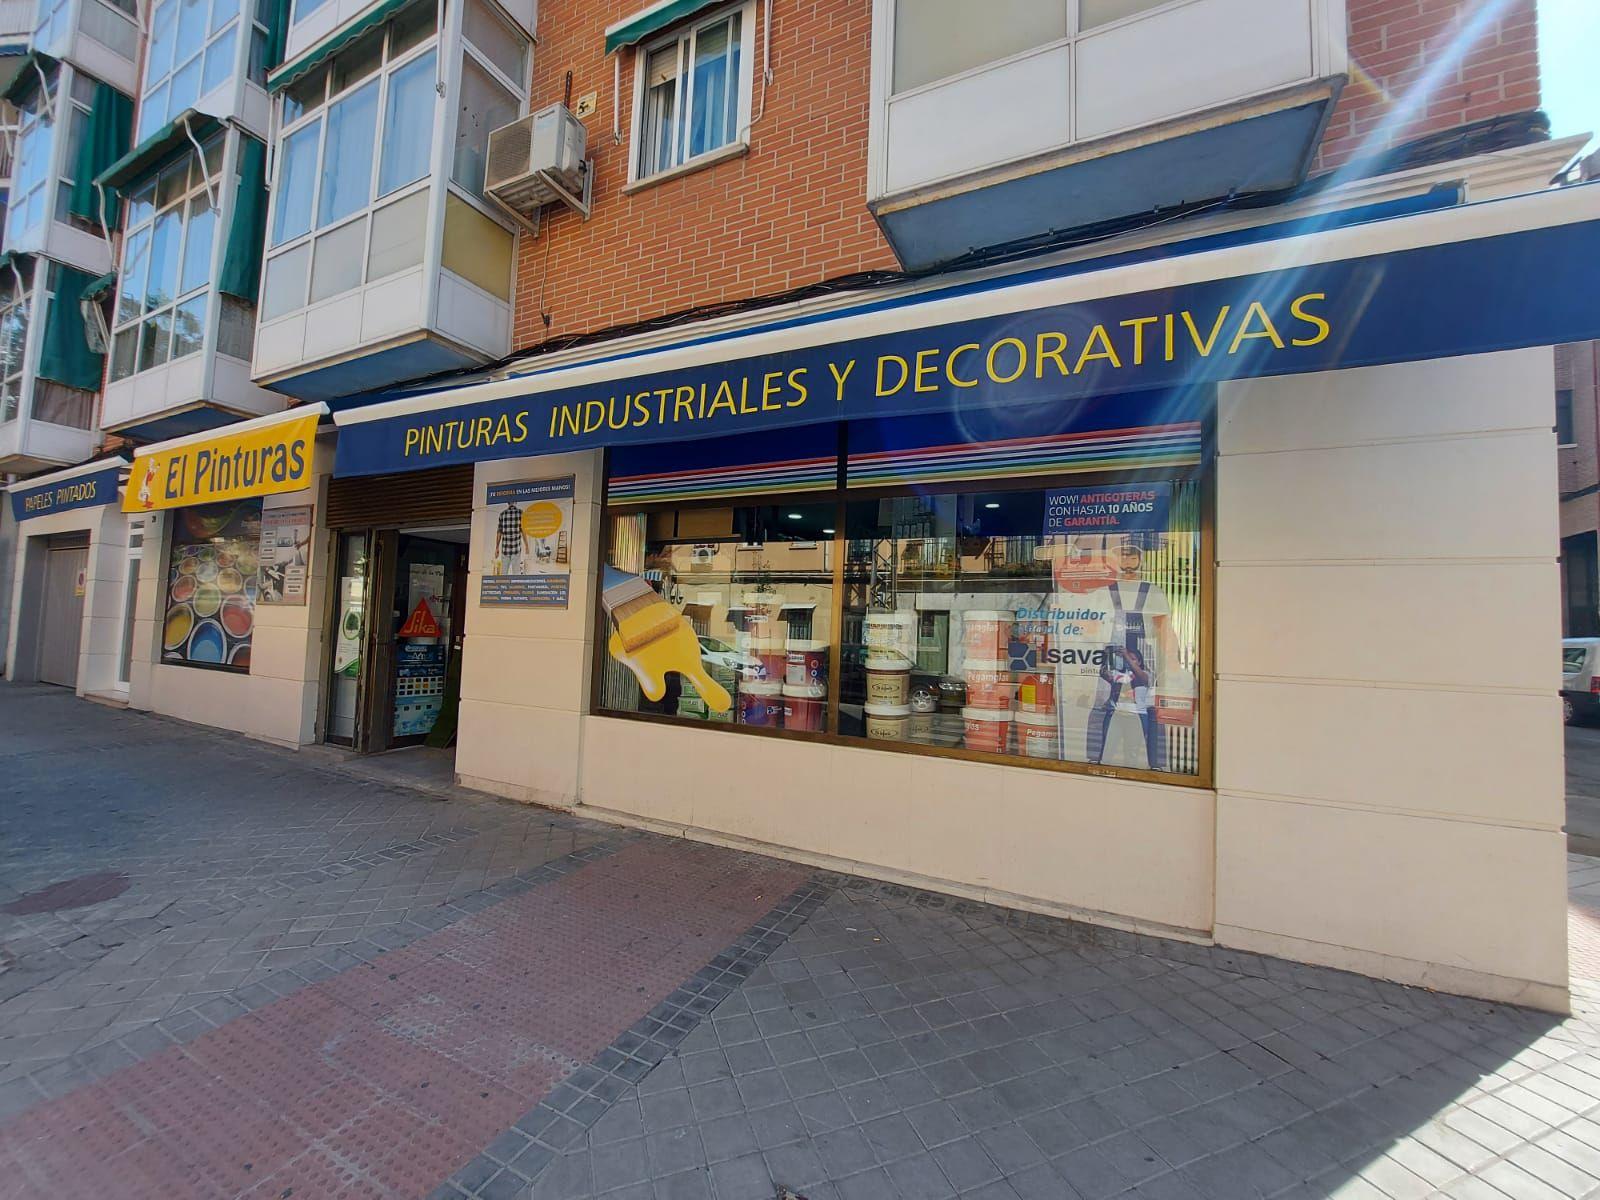 Pinturas para paredes Ciudad Lineal Madrid